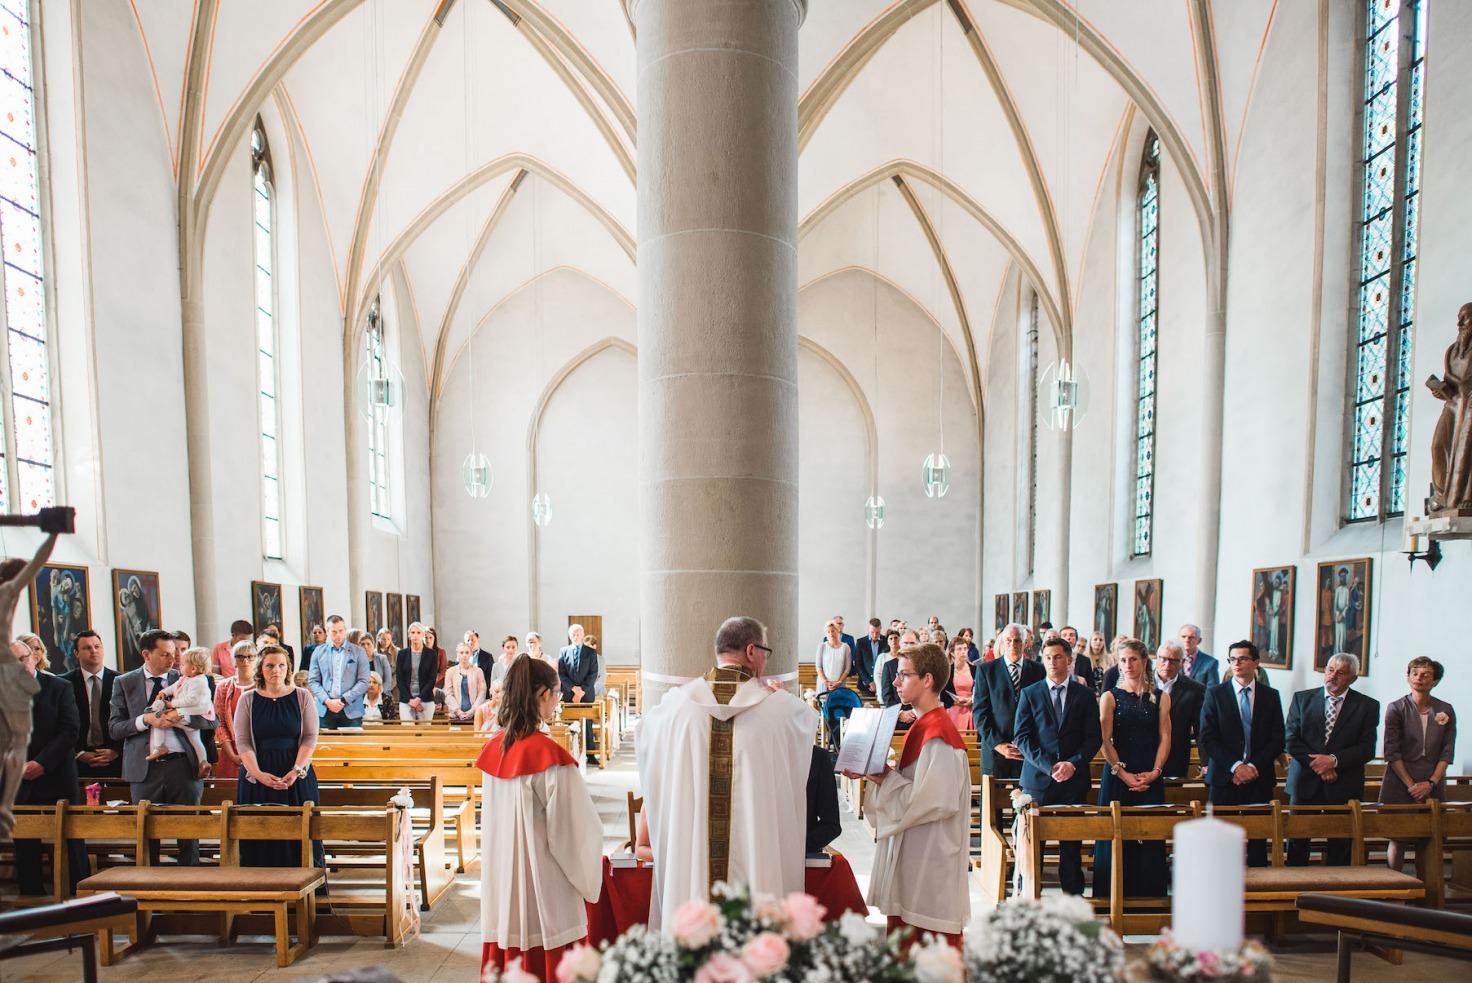 Hochzeit von Sabrina und Michael in Münster: Brautpaar wird in der Kirche gesegnet